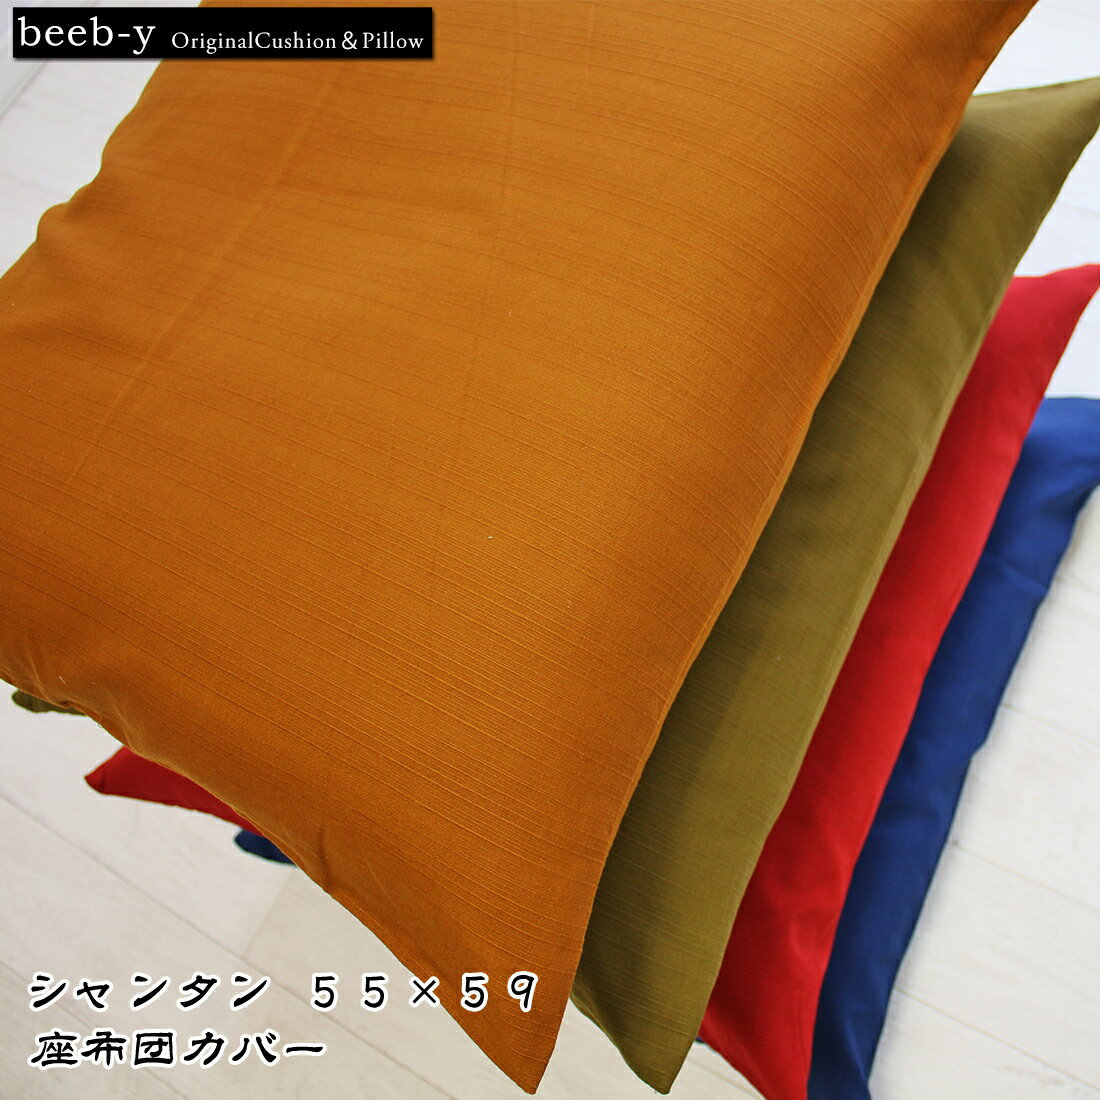 座布団 カバー 55×59 シャンタン織り 日本製 現代和室 おしゃれ モダン ギフト メール便 送料無料